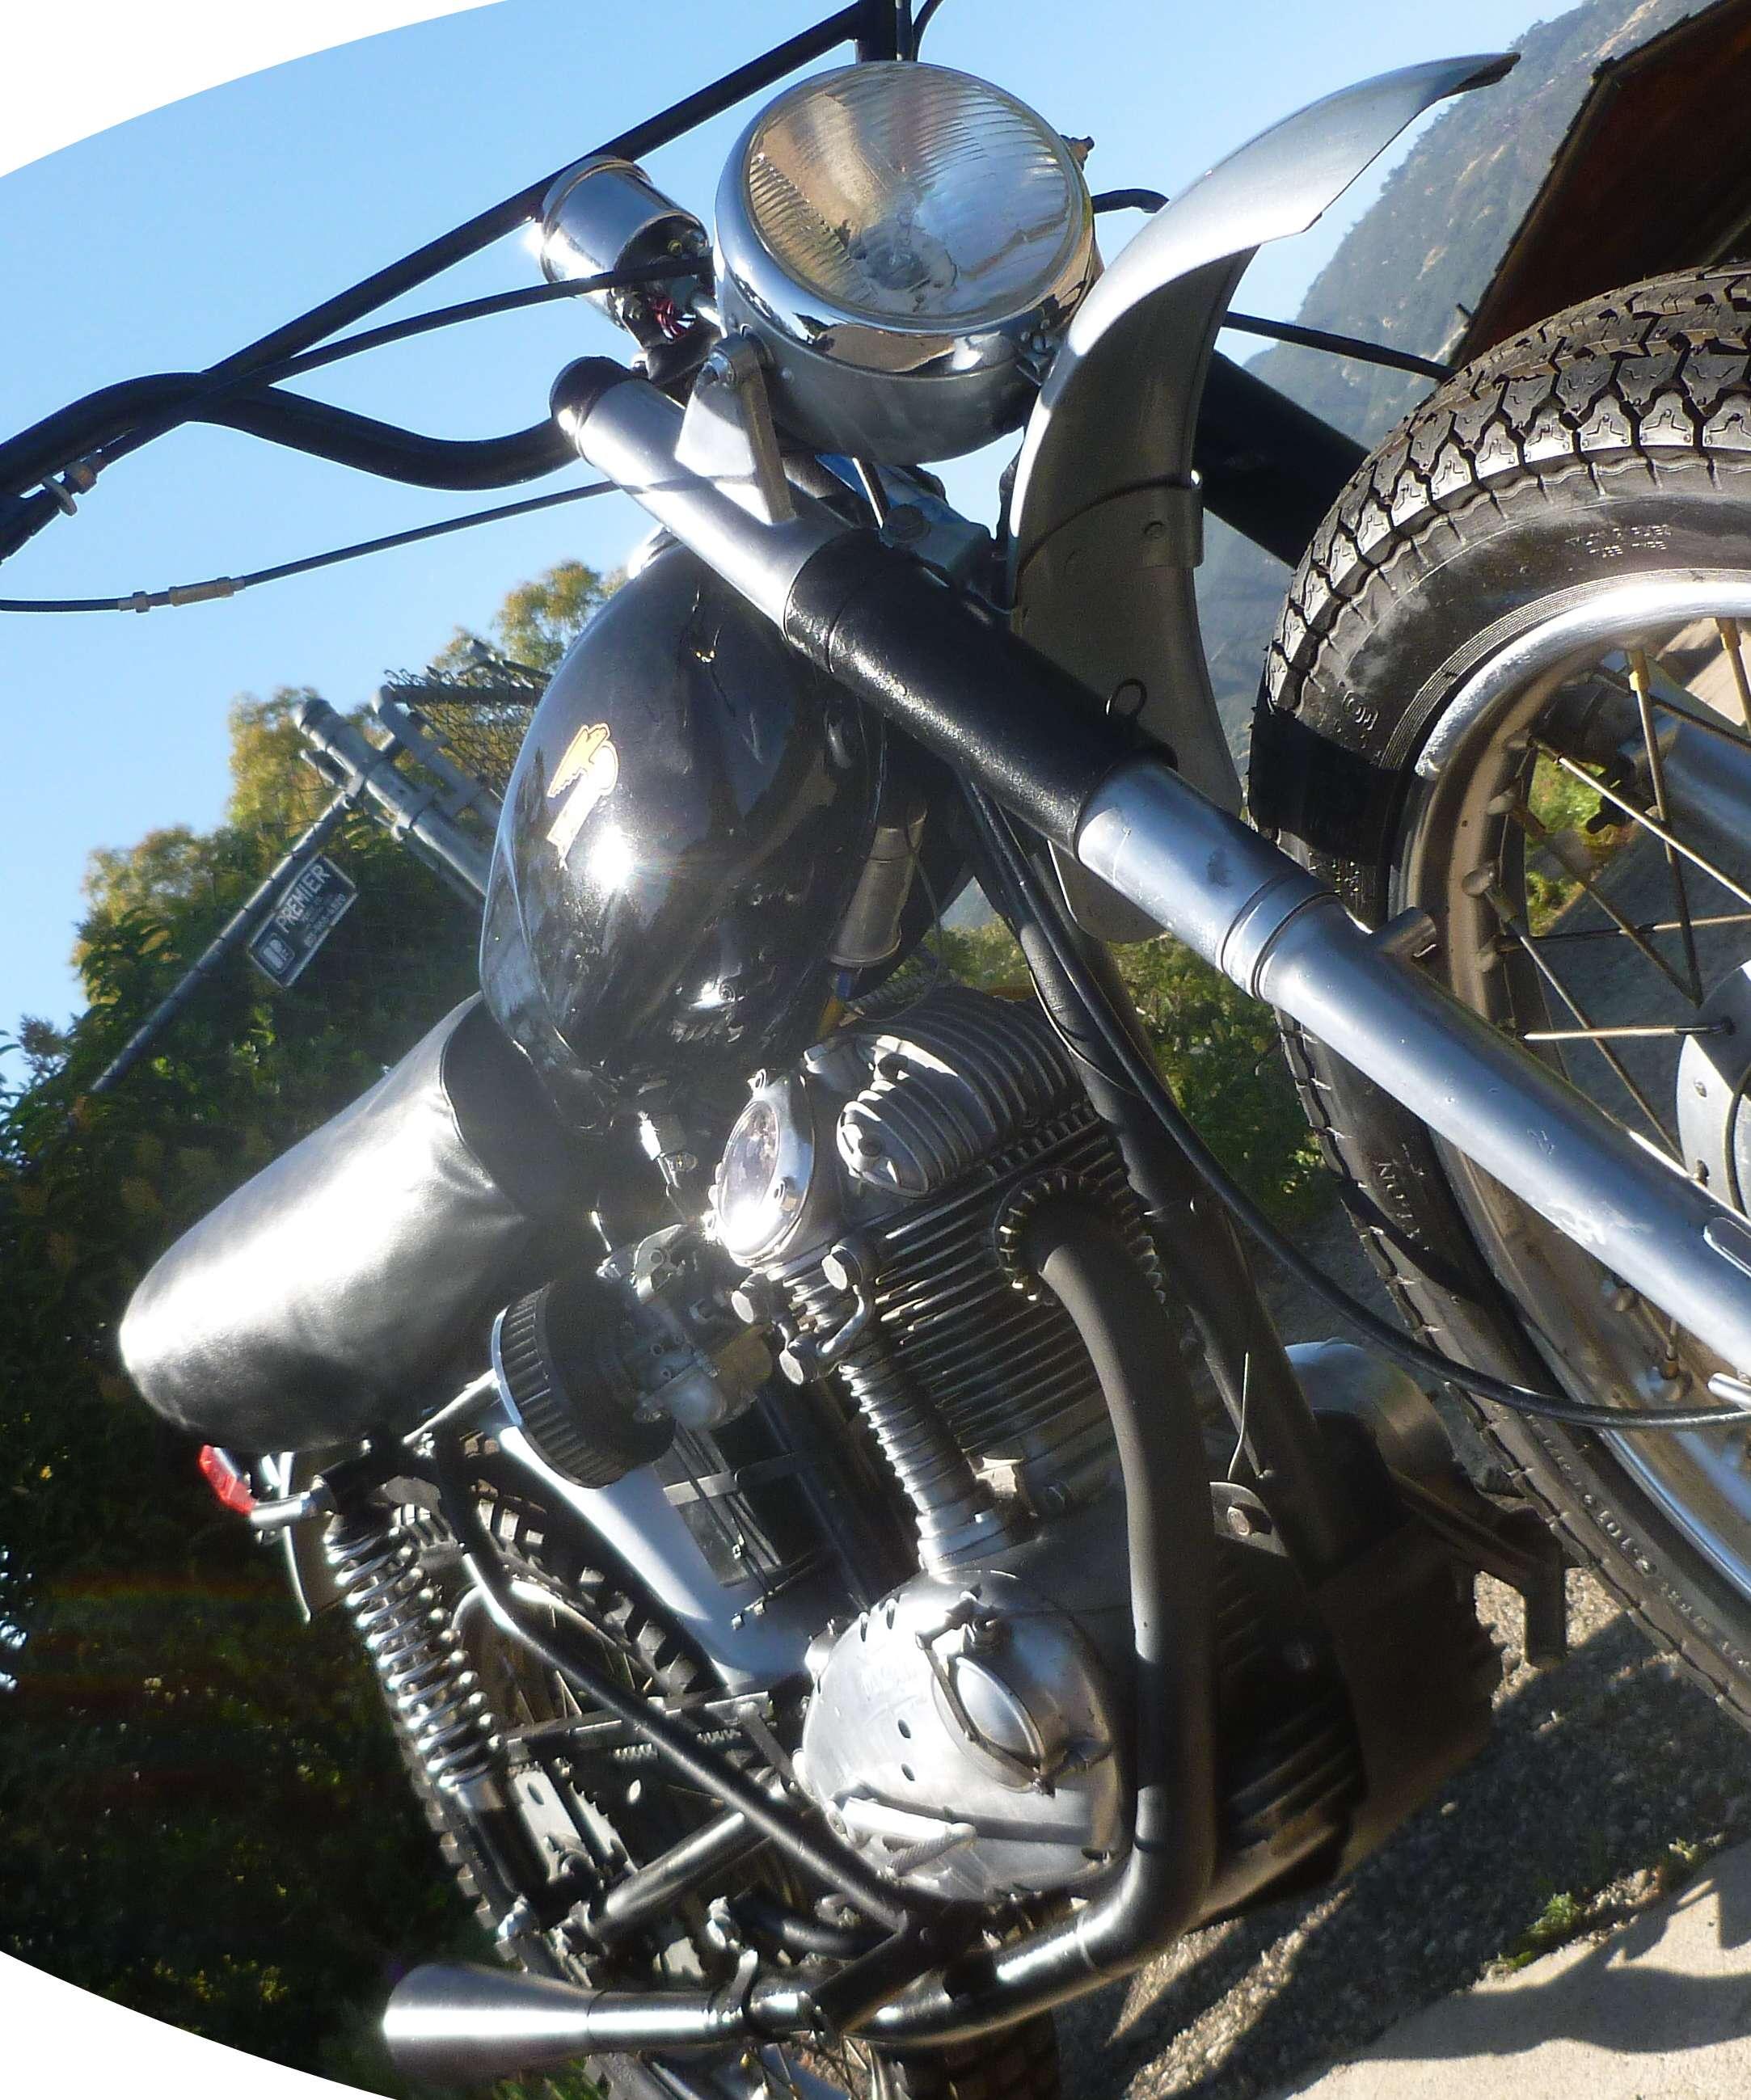 Ducati 1965 Scrambler 250 Narrow case 01